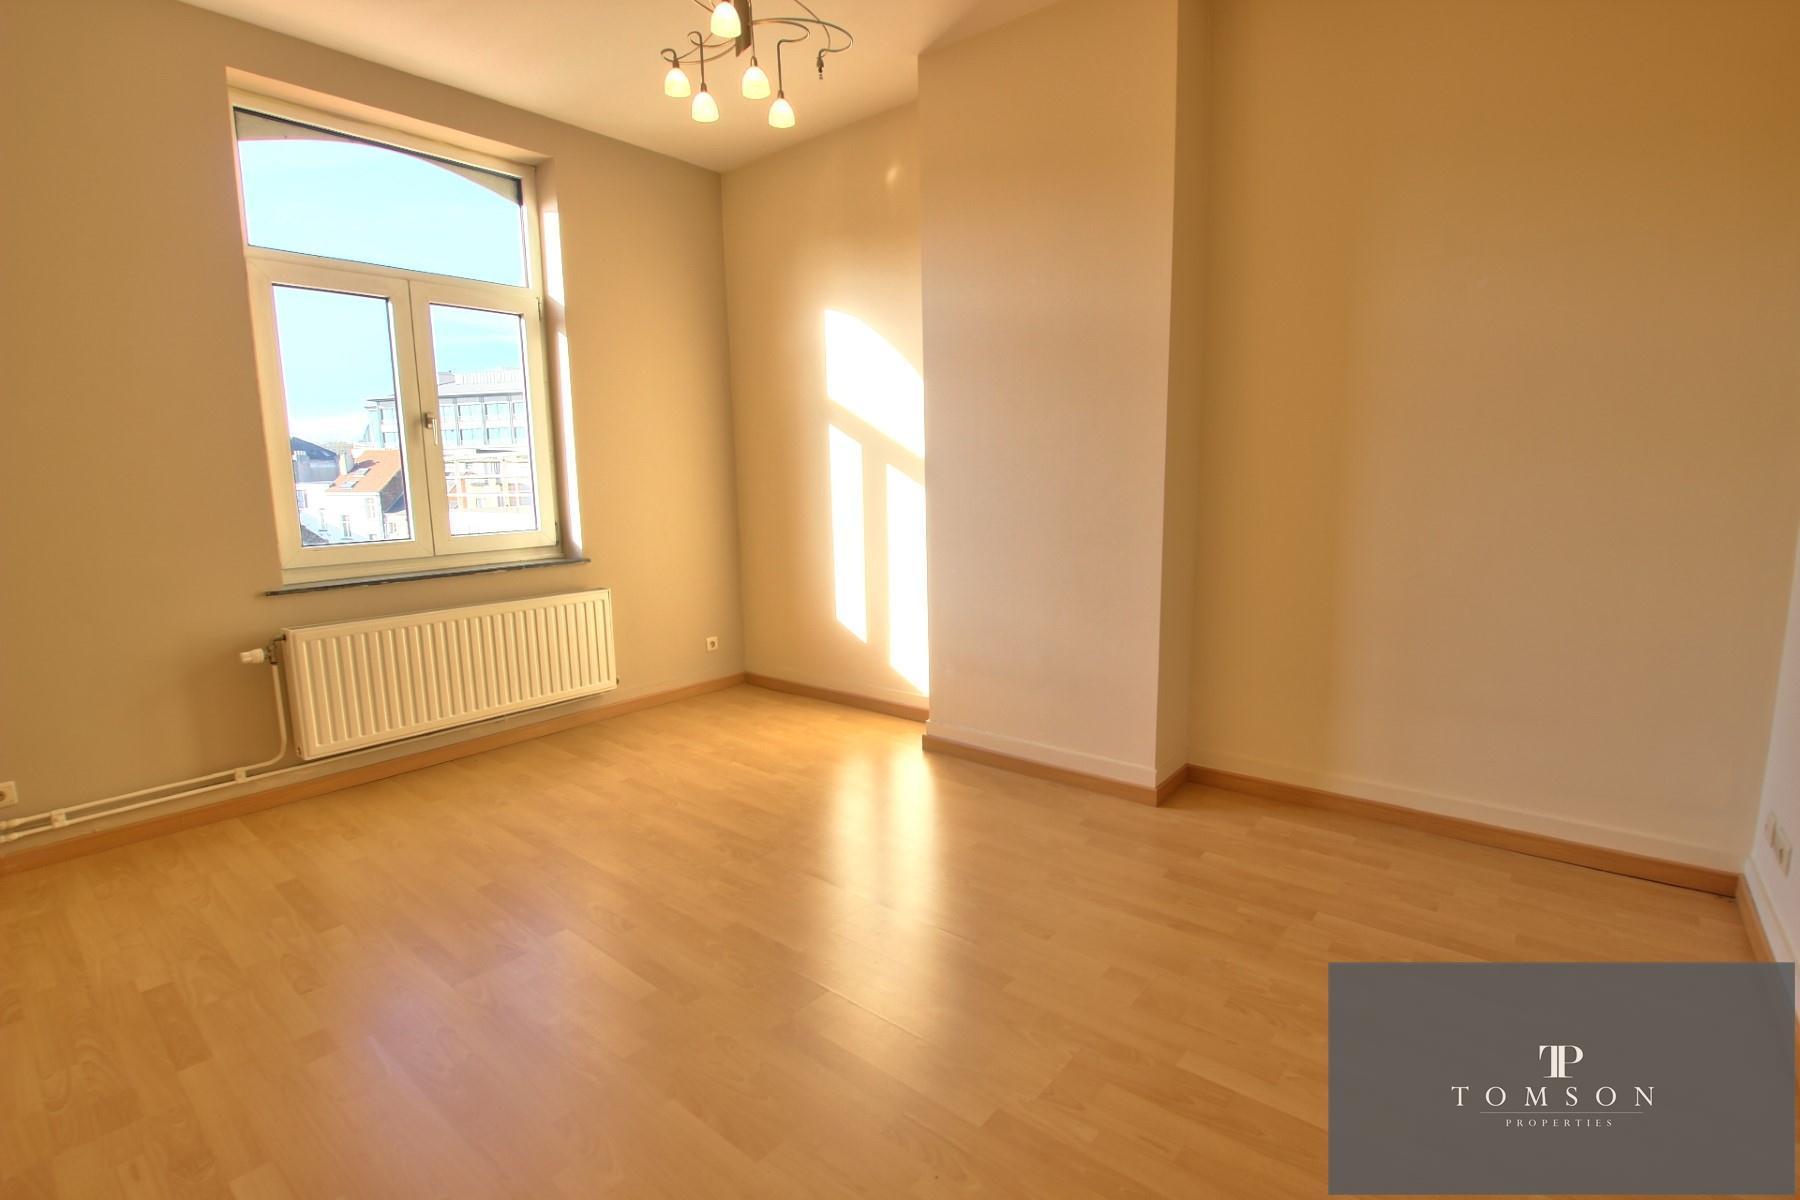 Appartement - Etterbeek - #4130587-3